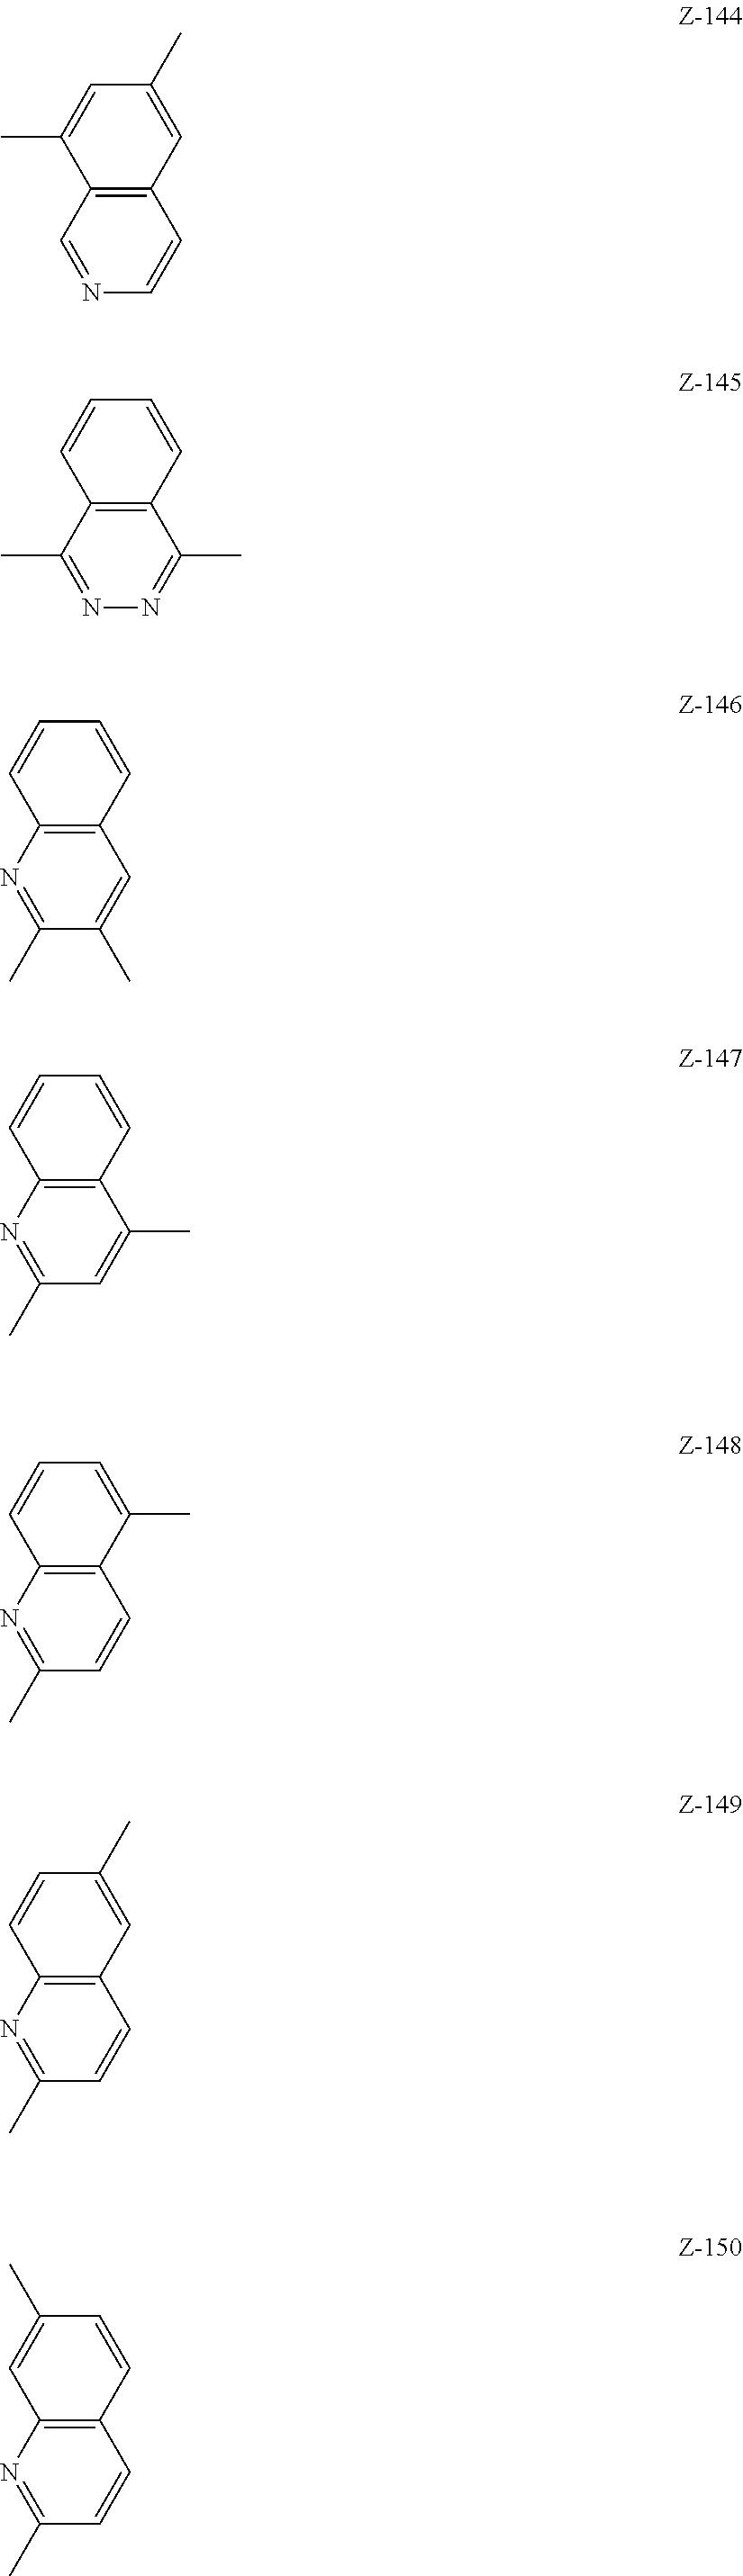 Figure US20110215312A1-20110908-C00047